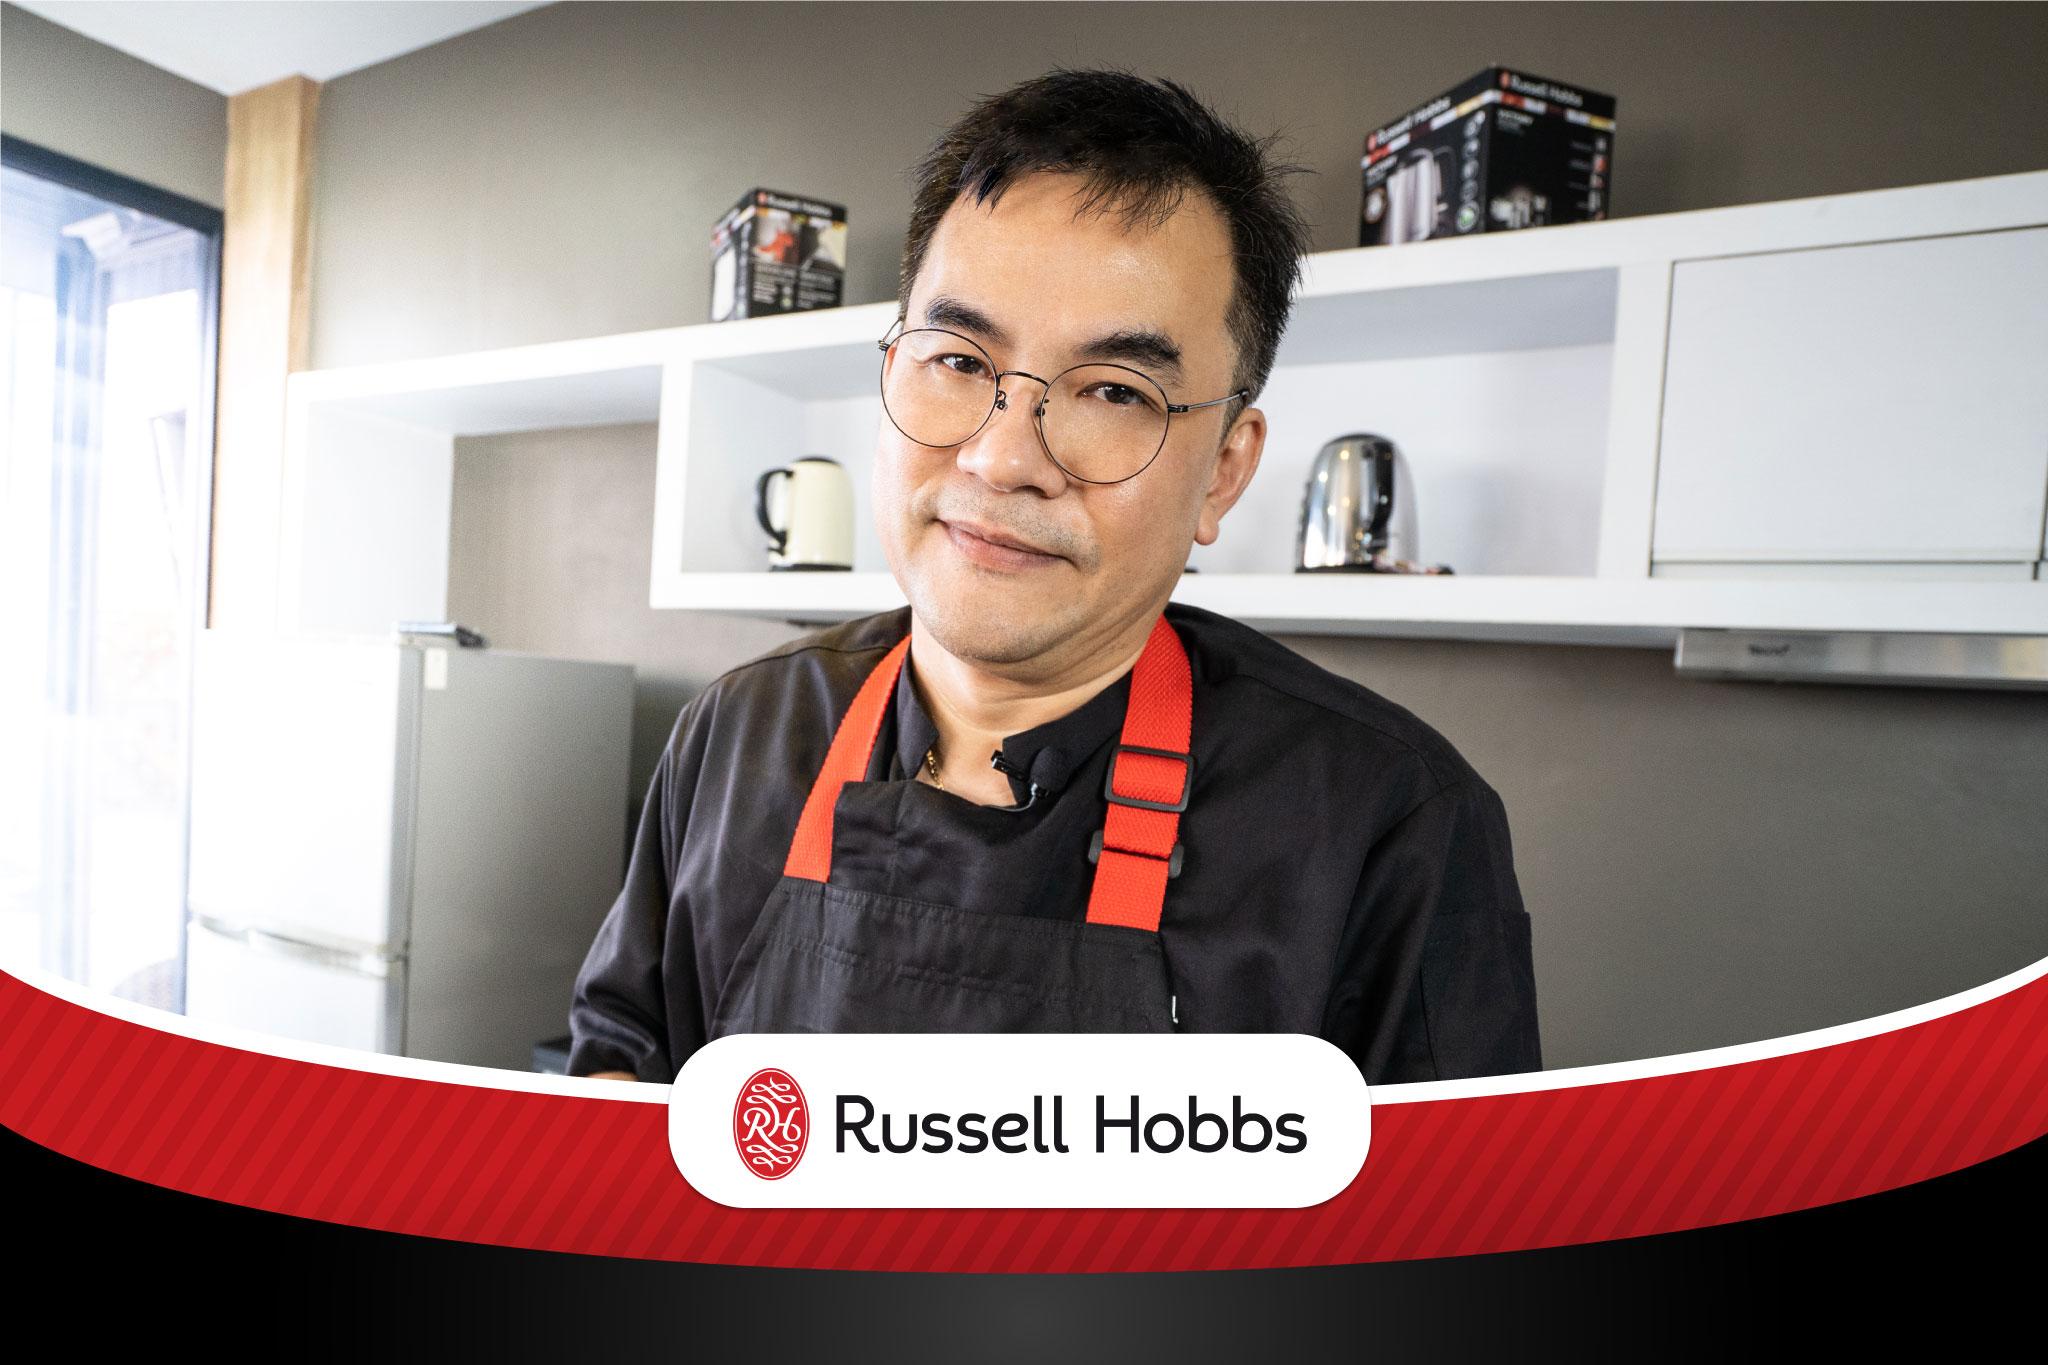 """รัสเซล ฮ๊อบส์ เตรียมเปิดครัวเอาใจเชฟยุคใหม่ เสิร์ฟทริค """"เข้าครัวอย่างเทพกับเชฟระดับโลก"""" by เชฟจารึก ศรีอรุณ สำนักพิมพ์แม่บ้าน"""